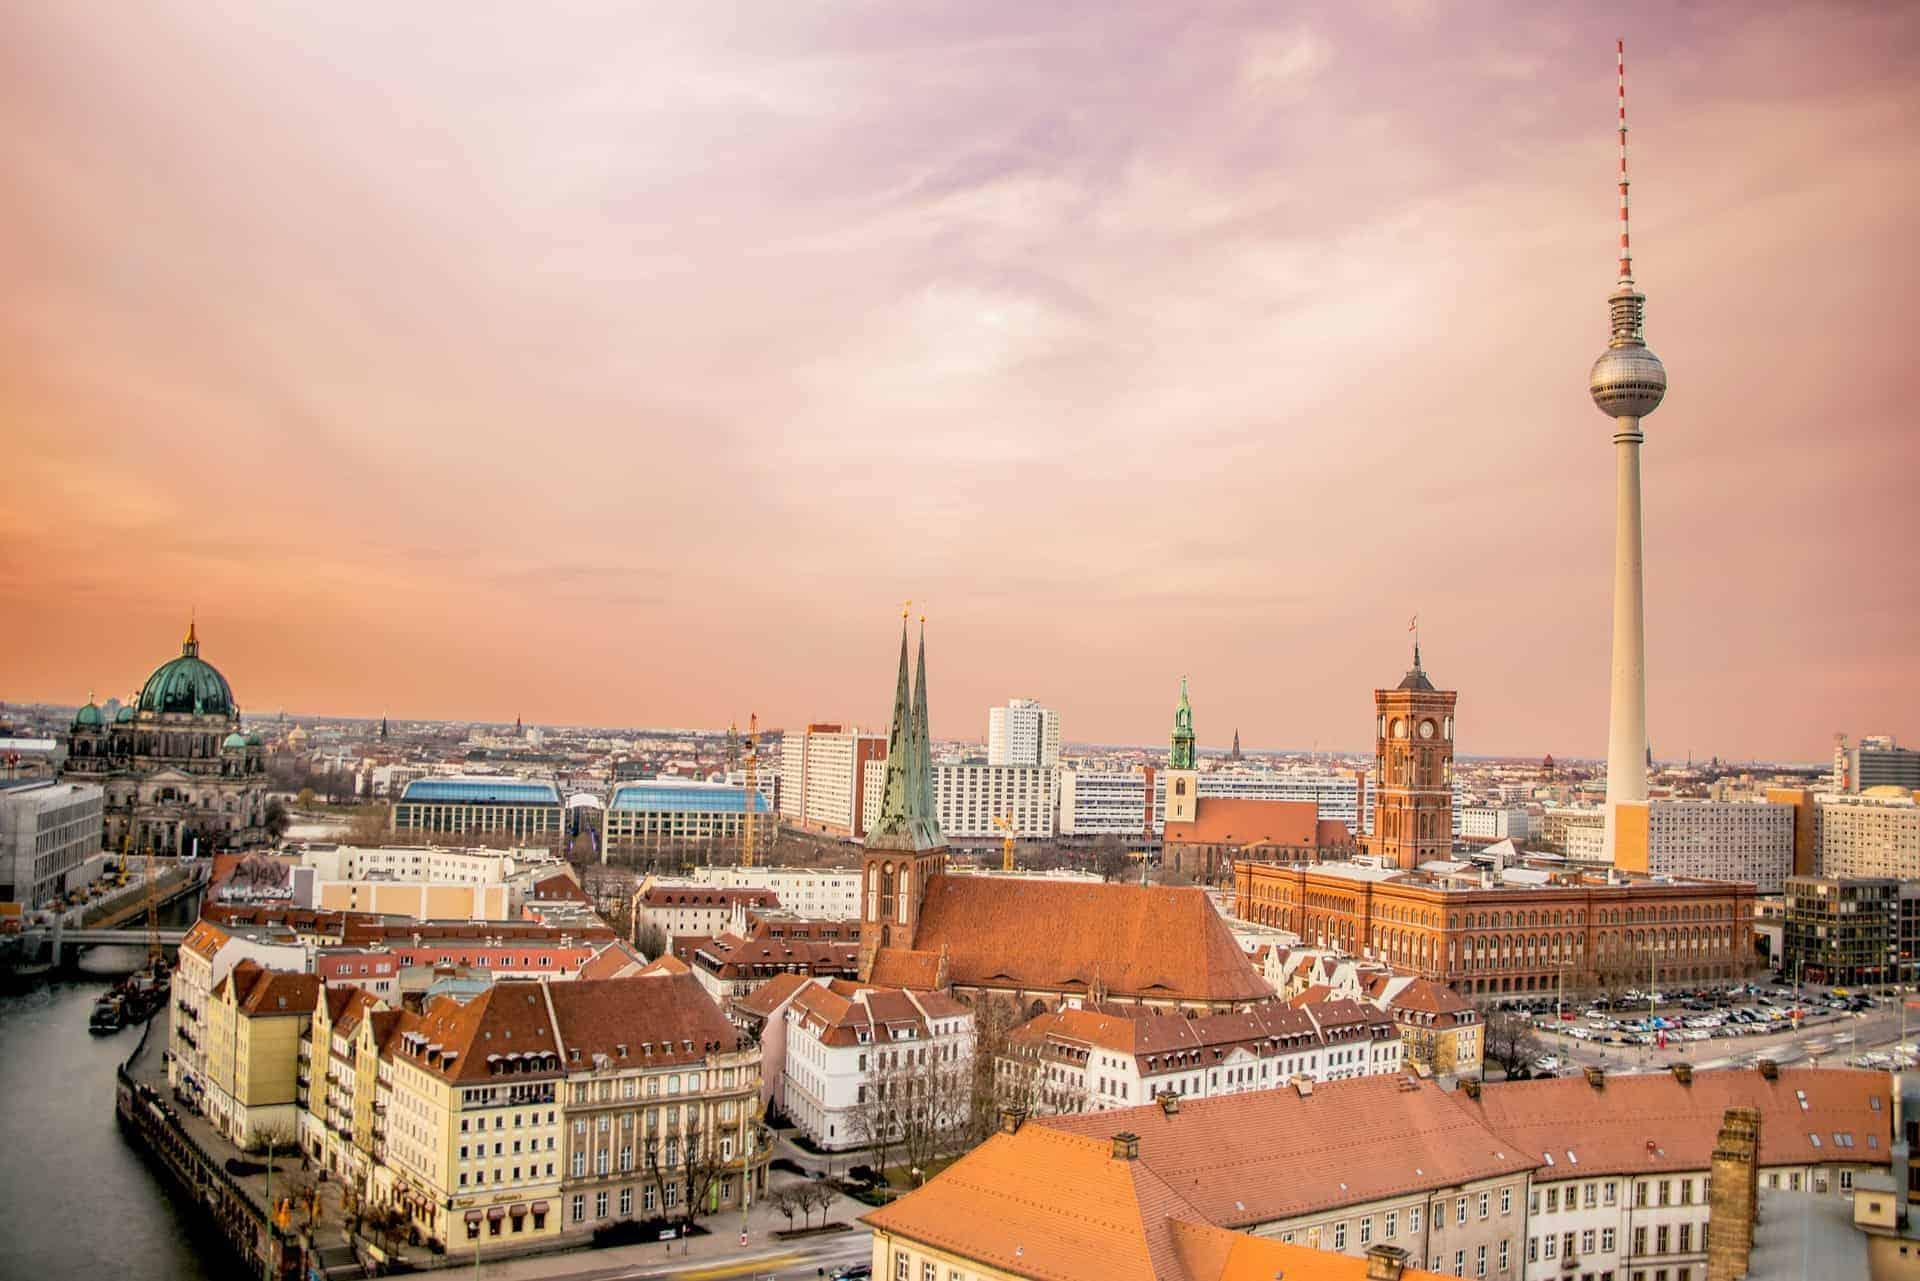 immobilienmarkt deutschland crash boom entwicklung